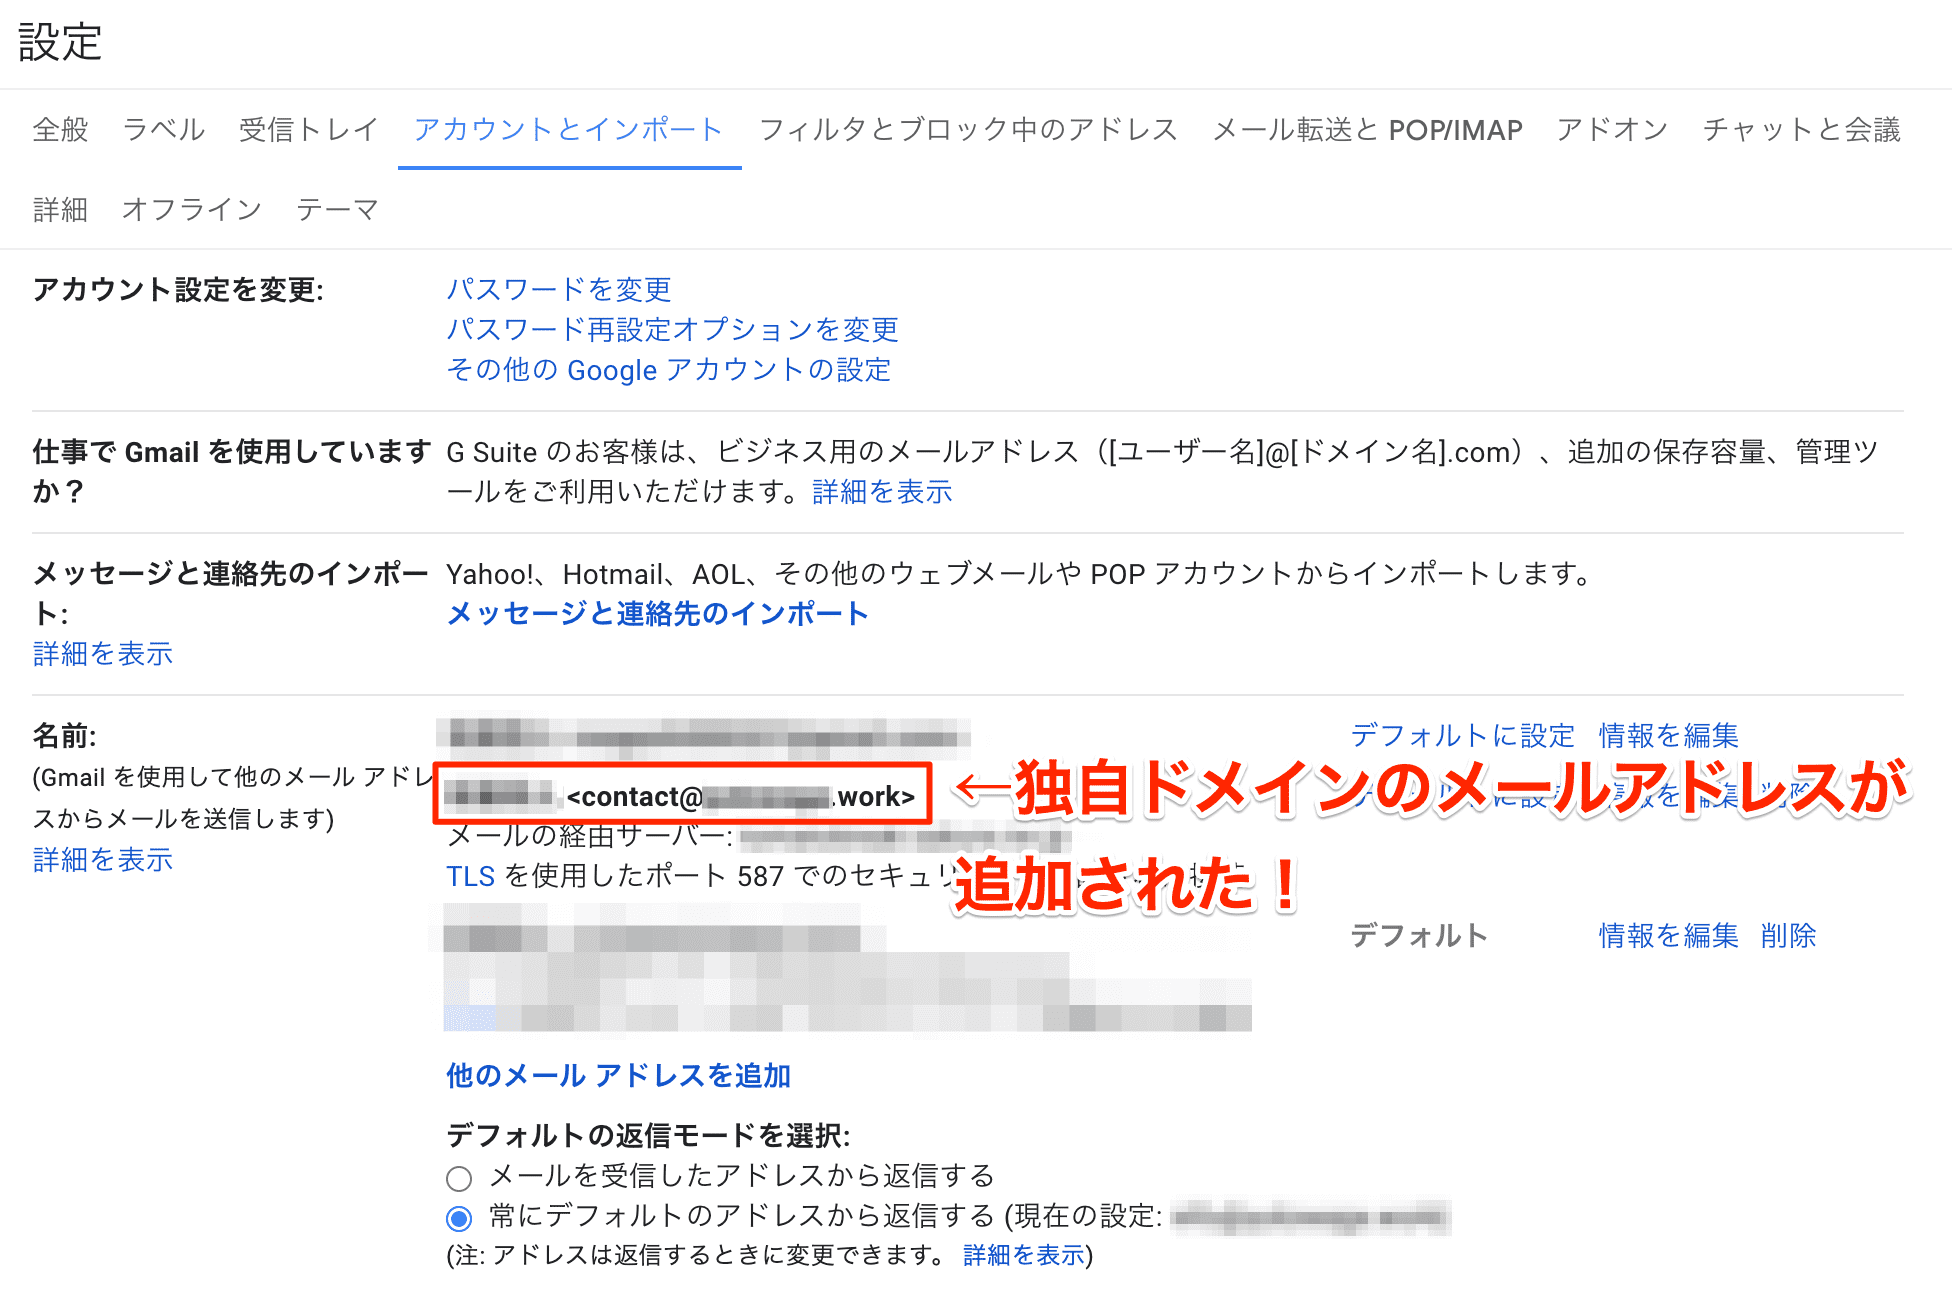 独自ドメインのメールアドレス追加された!